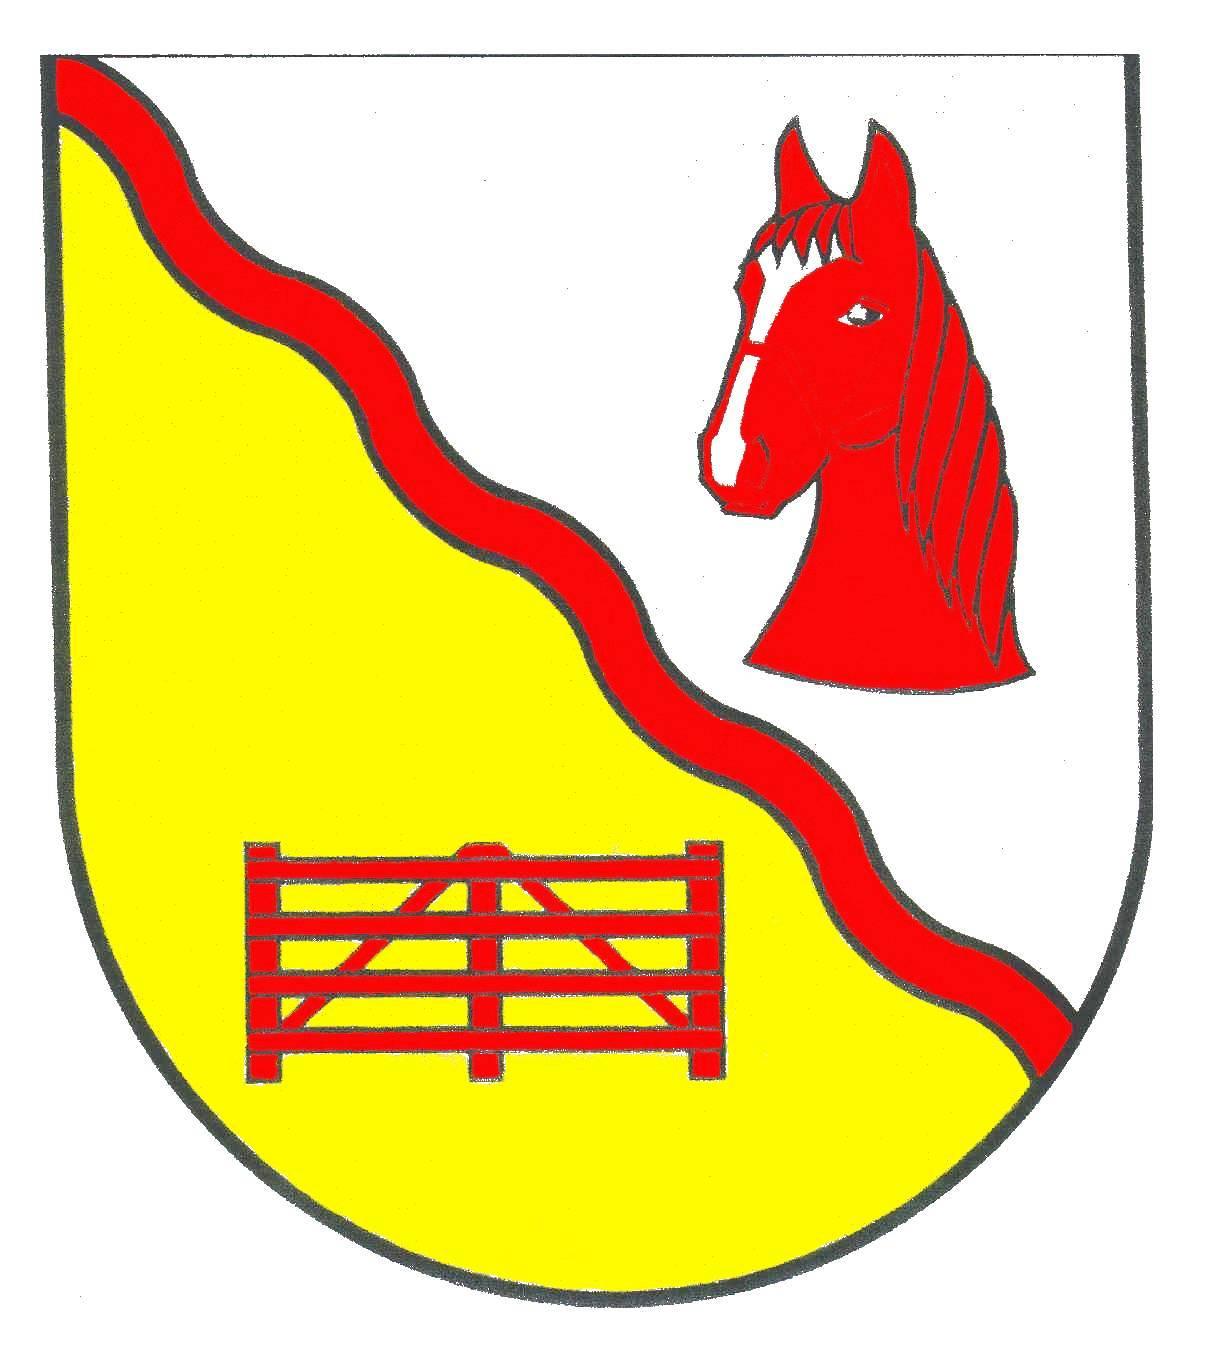 Wappen GemeindeHavetoft, Kreis Schleswig-Flensburg